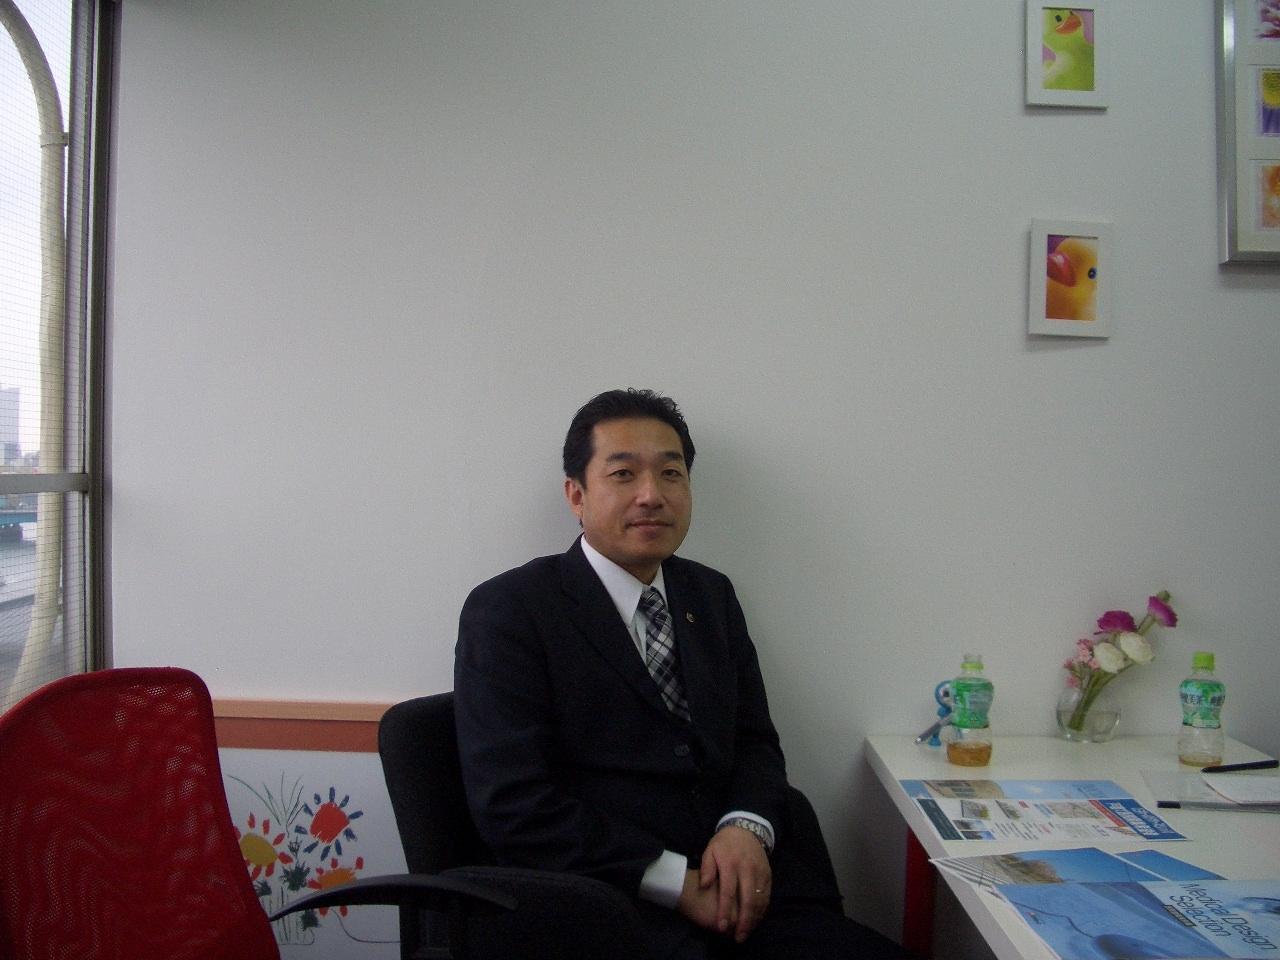 税理士 宮﨑浩記